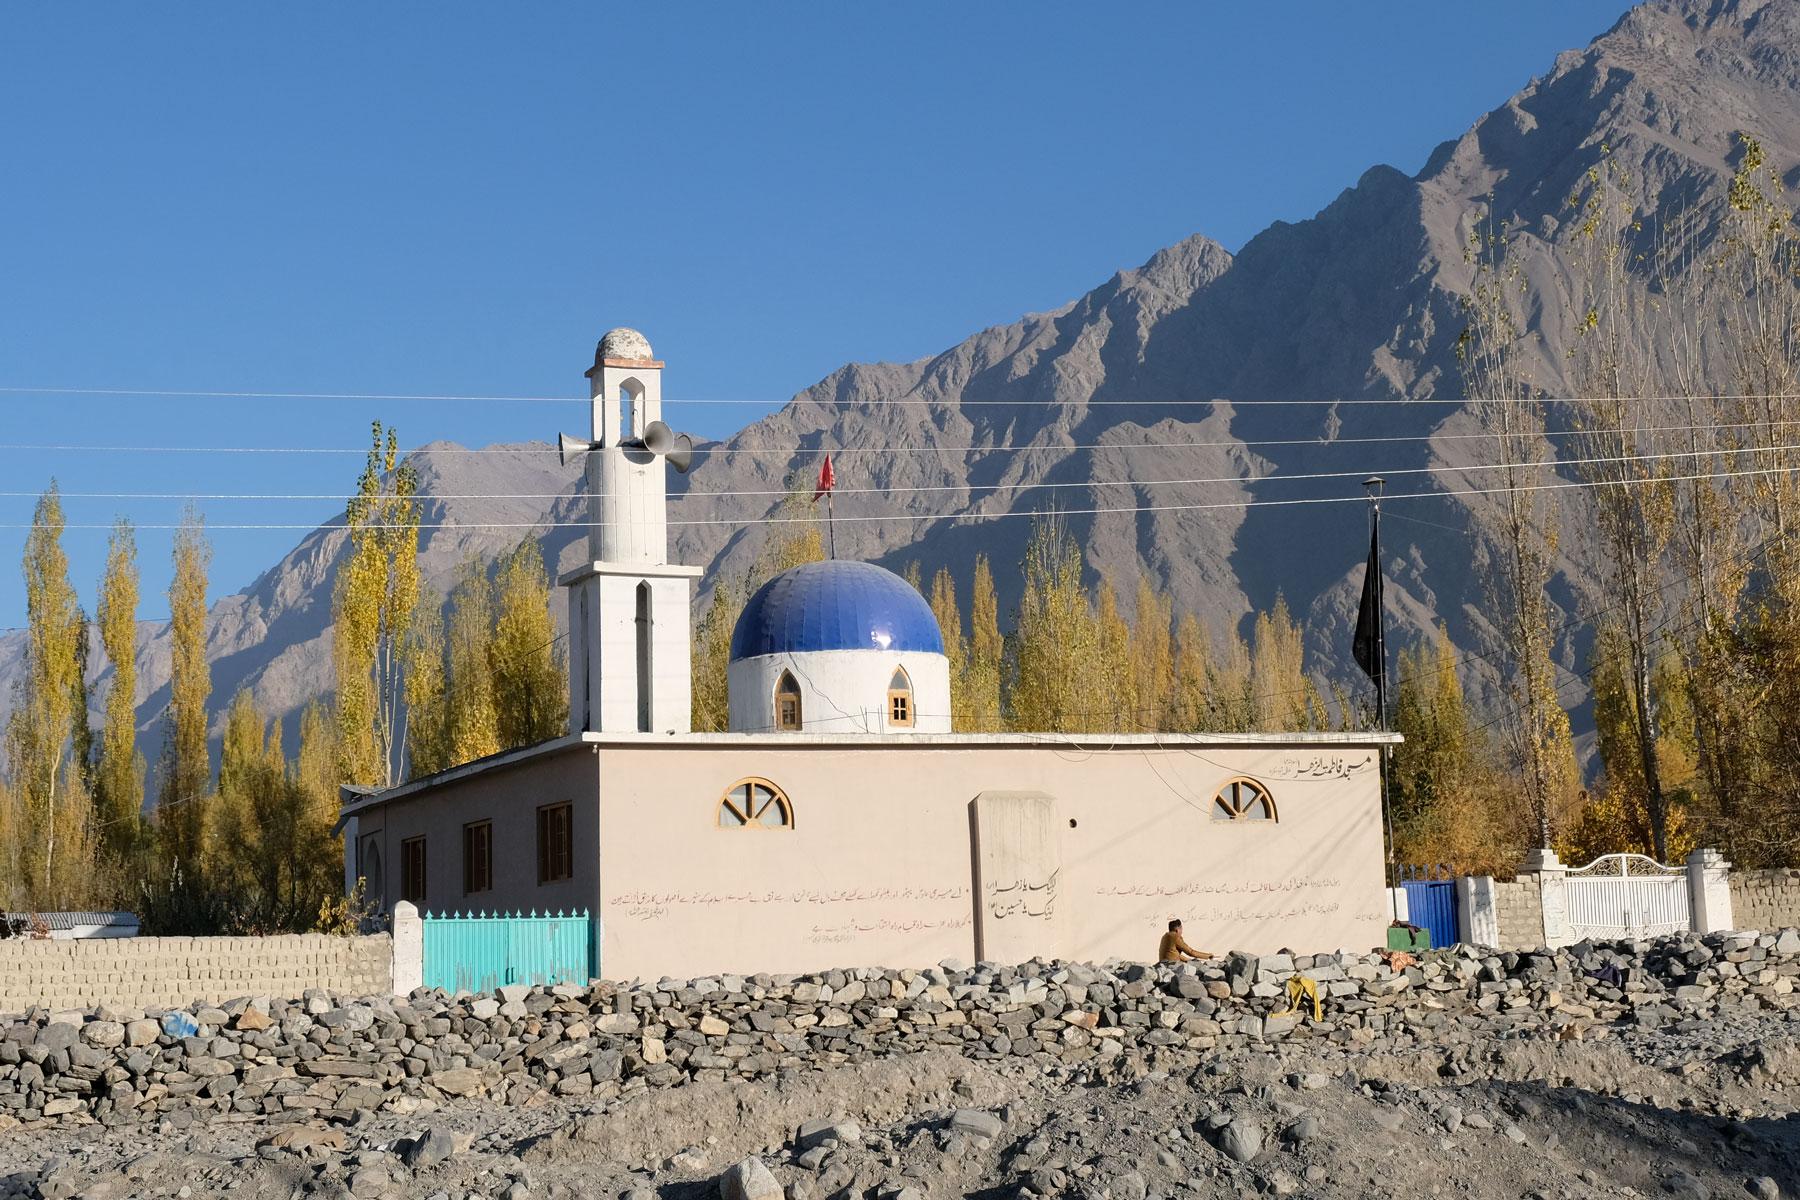 Moschee in Skardu.